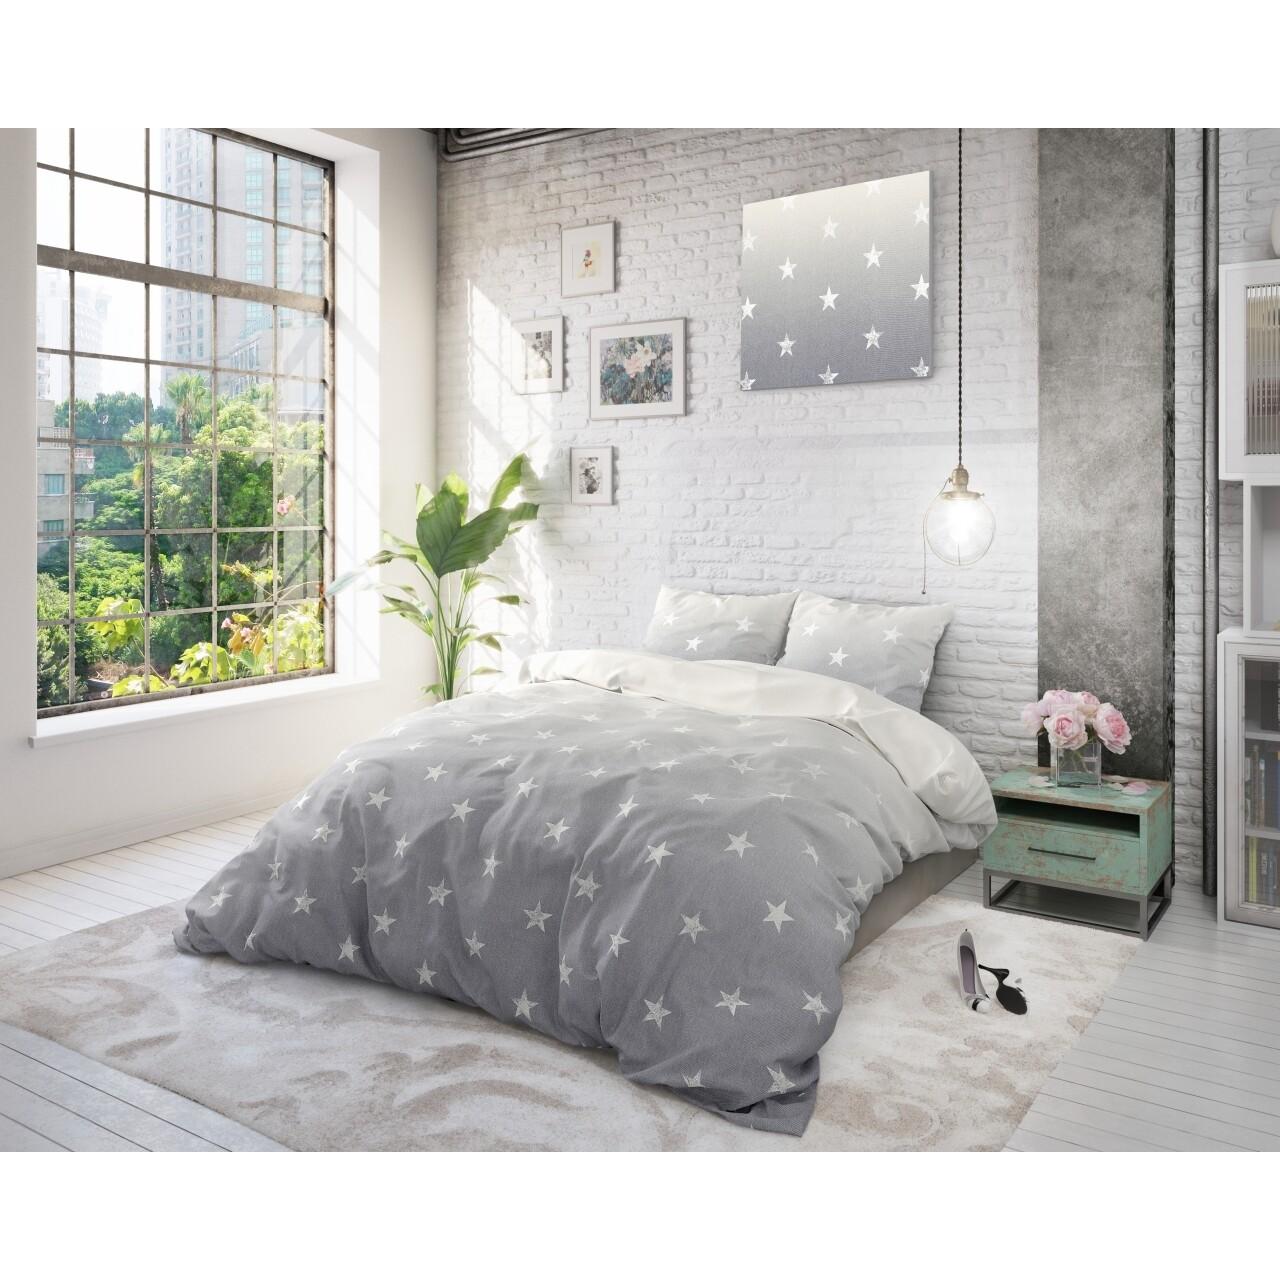 Lenjerie de pat pentru două persoane Twinkle Stars Grey, Sleeptime, policoton